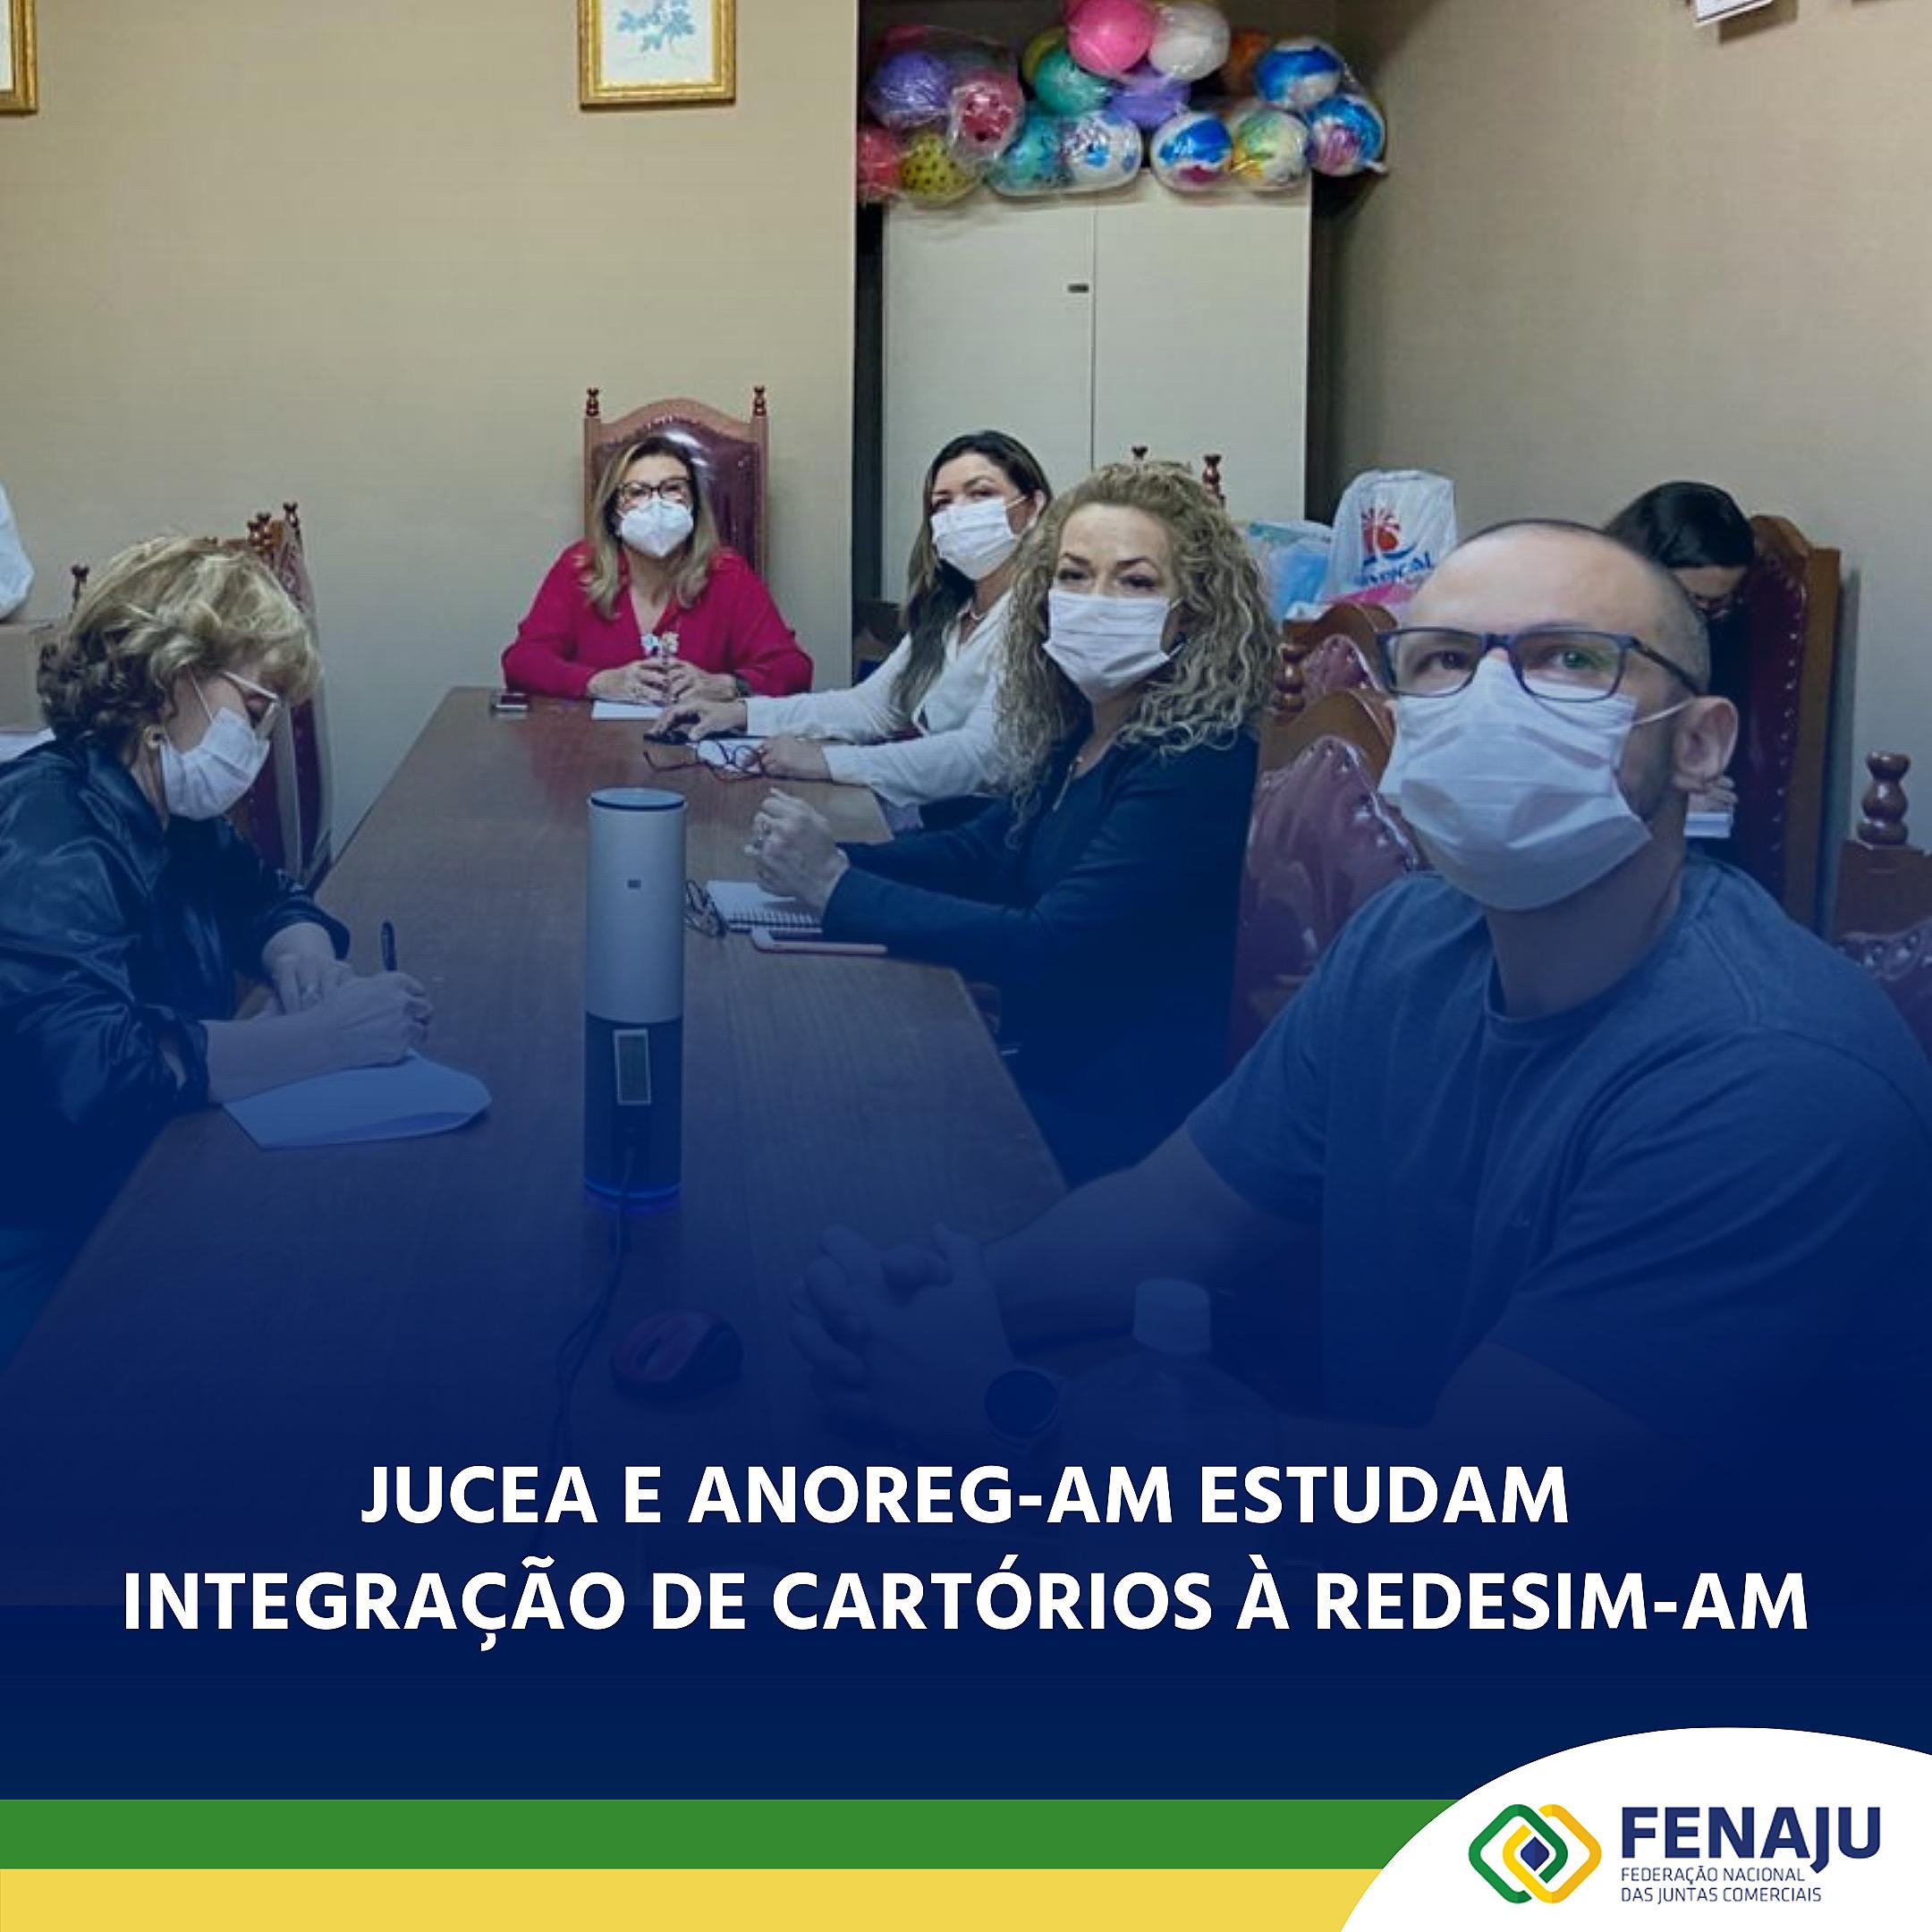 JUCEA e ANOREG-AM estudam integração de cartórios à REDESIM-AM